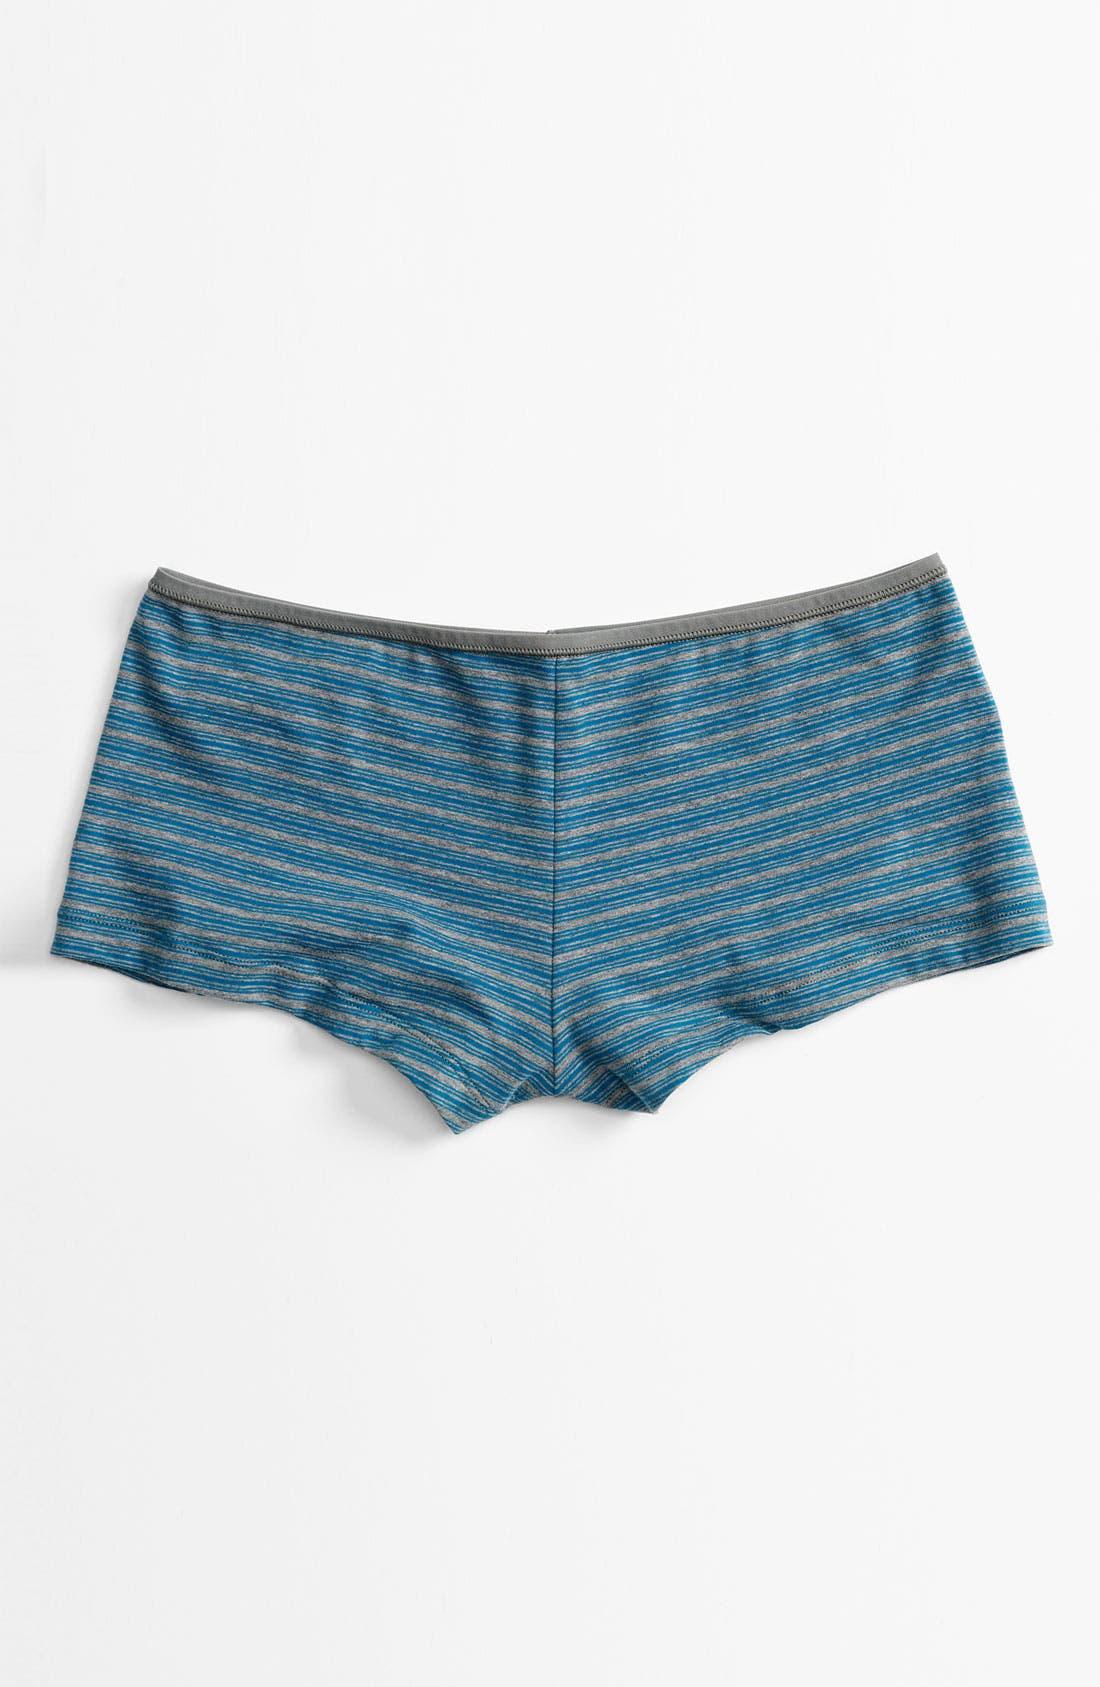 Alternate Image 1 Selected - Shimera Stretch Cotton Boyshorts (4 for $34)